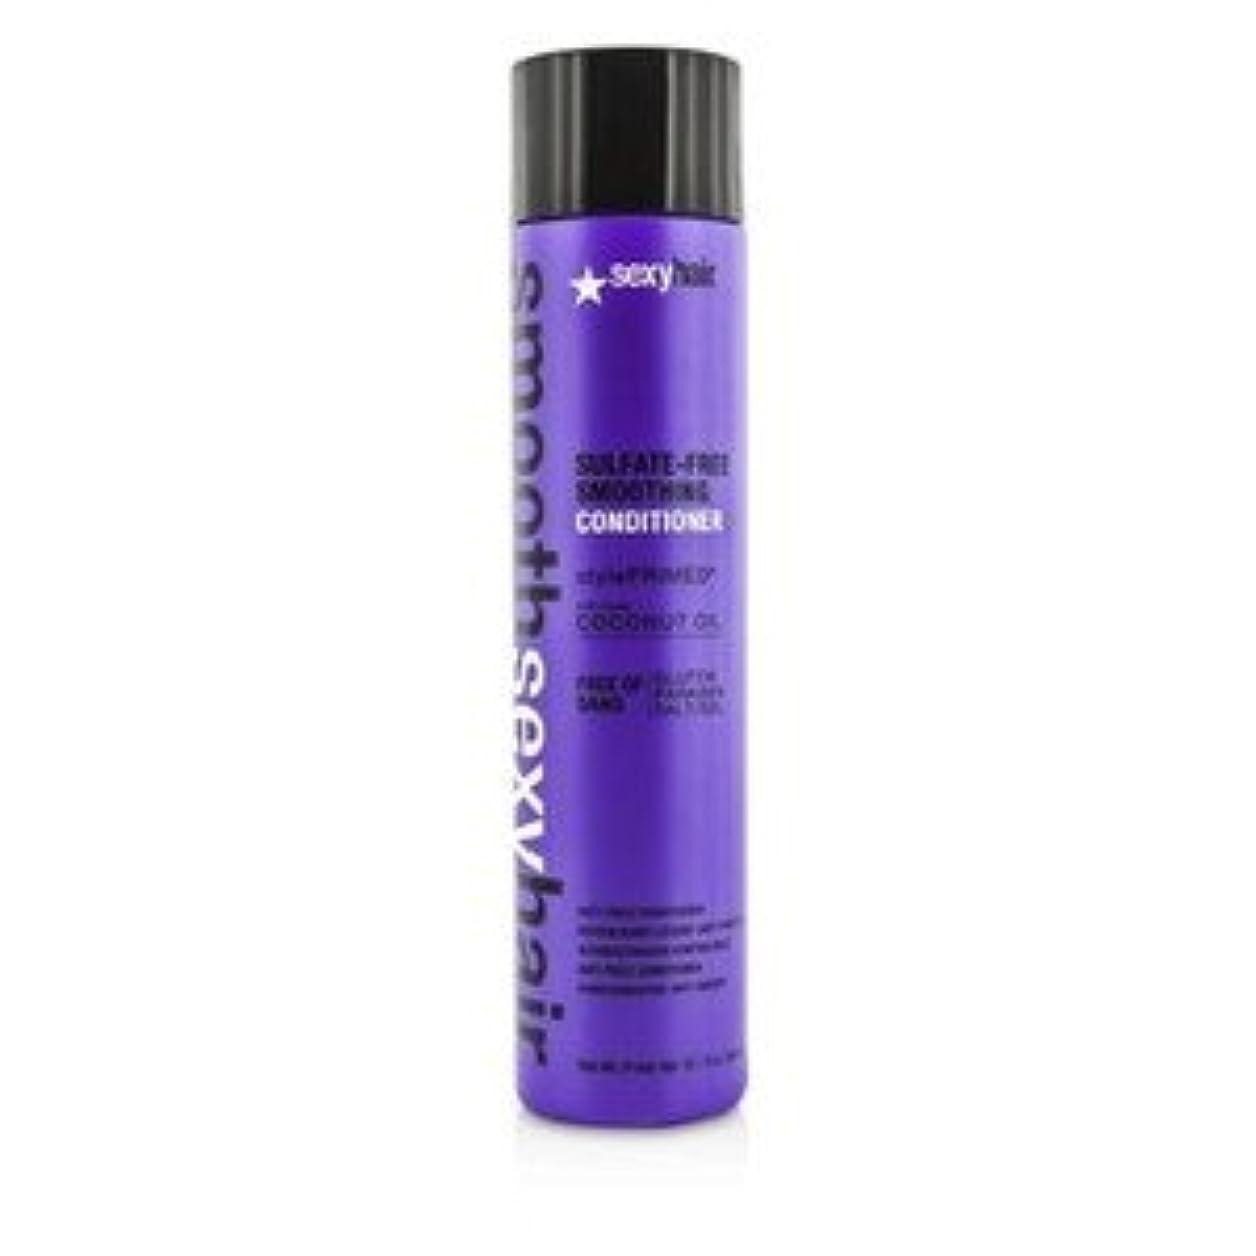 シールドシャープビリーヤギSexy Hair スムース セクシー ヘア サルフェートフリー スムージング コンディショナー(Anti-Frizz) 300ml/10.1oz [並行輸入品]